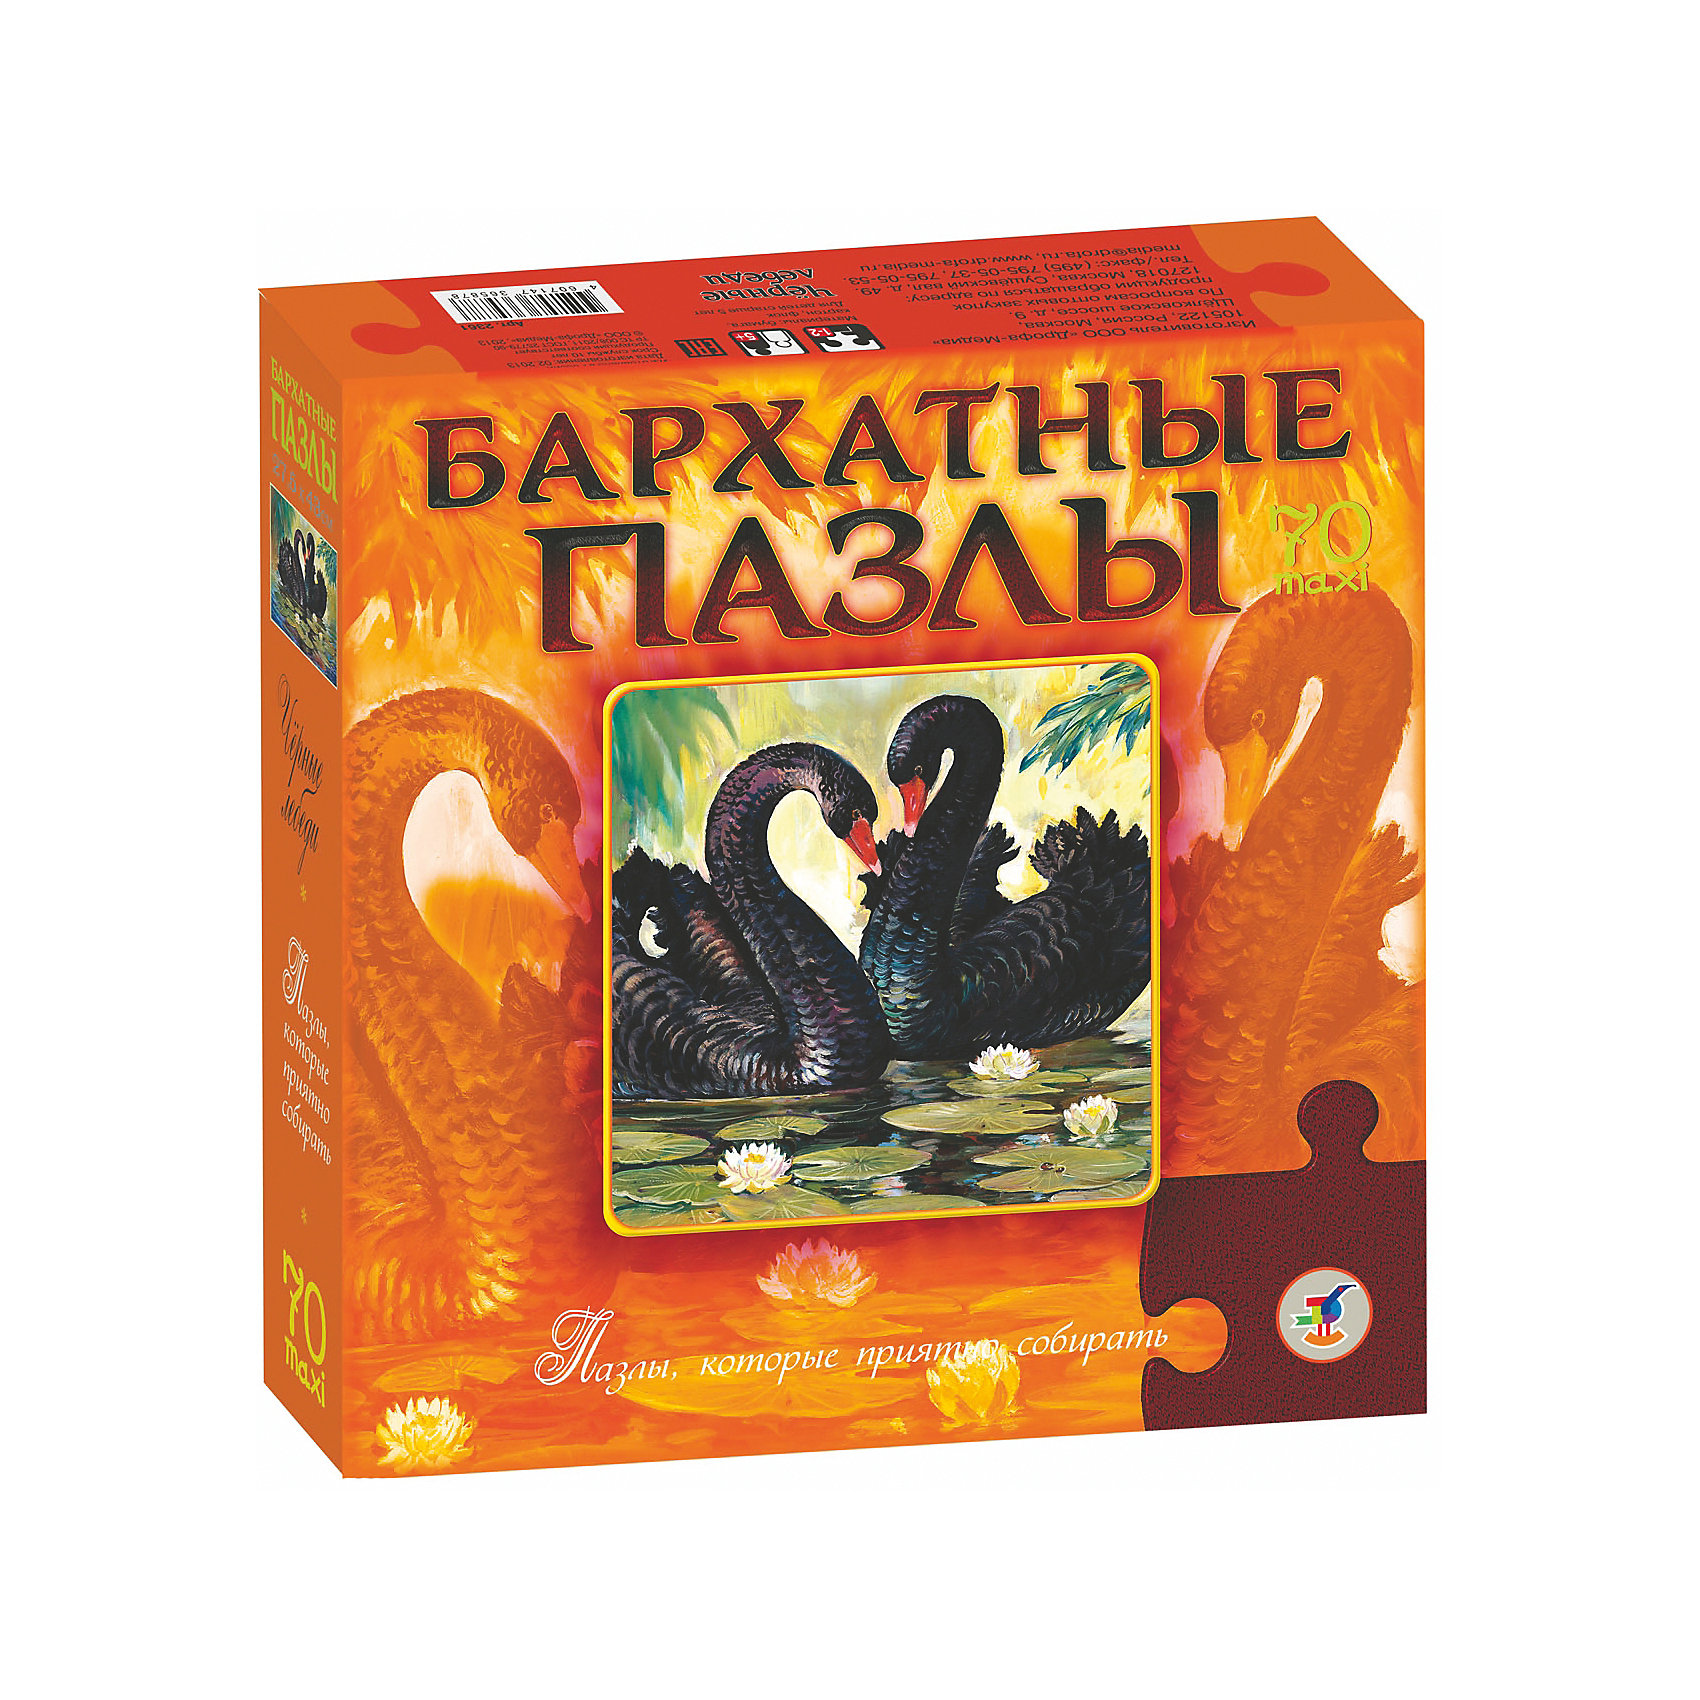 Бархатный пазл Черные лебеди, Дрофа-МедиаПазлы для малышей<br>Характеристики Бархатный пазл Черные лебеди:<br><br>- возраст: от 5 лет<br>- пол: для мальчиков и девочек<br>- цвет: оранжевый, черный.<br>- количество деталей: 70 шт.<br>- материал: бумага, картон, флок.<br>- размер упаковки: 22 * 5 * 22 см.<br>- размер игрушки: 43 * 28 см.<br>- бренд: Дрофа-Медиа<br>- страна обладатель бренда: Россия.<br><br>Бархатные пазлы Черные лебеди очень приятно собирать. Бархатная текстура пазлов манит своей необычностью, и вызывают желание прикоснуться к ним. Ребенок с интересом соберет красивых лебедей, а потом вставит картинку в рамочку и подарит дорогому для него человеку. Пазлы создают объём, поэтому картинка смотрится оригинально.<br><br>Бархатный пазл Черные лебеди издательства Дрофа-Медиа можно купить в нашем интернет-магазине.<br><br>Ширина мм: 220<br>Глубина мм: 50<br>Высота мм: 220<br>Вес г: 270<br>Возраст от месяцев: 60<br>Возраст до месяцев: 2147483647<br>Пол: Унисекс<br>Возраст: Детский<br>Количество деталей: 70<br>SKU: 5386276